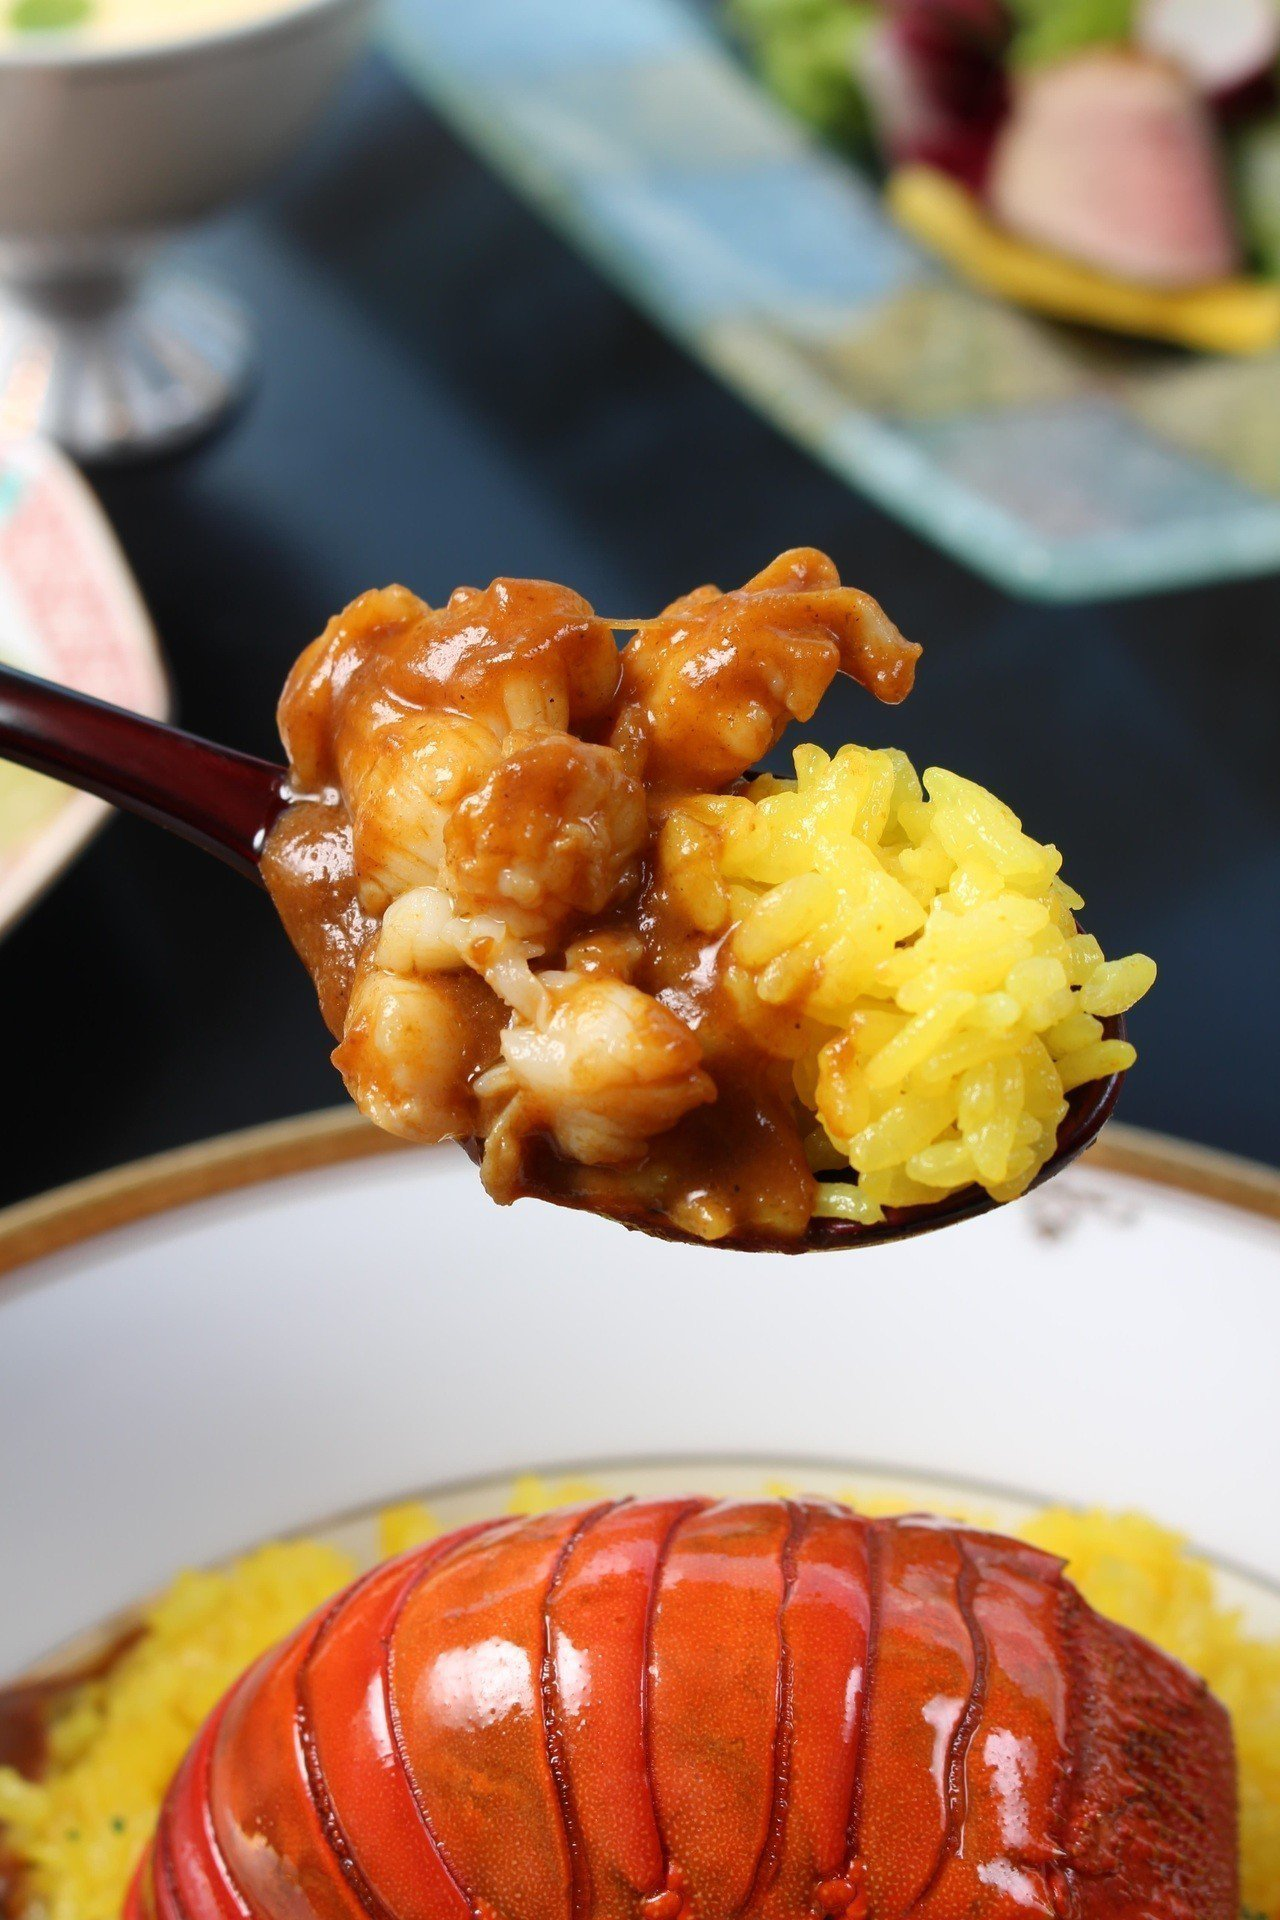 現點現做的龍蝦肉,口感鮮嫩彈牙。圖/日勝生加賀屋提供